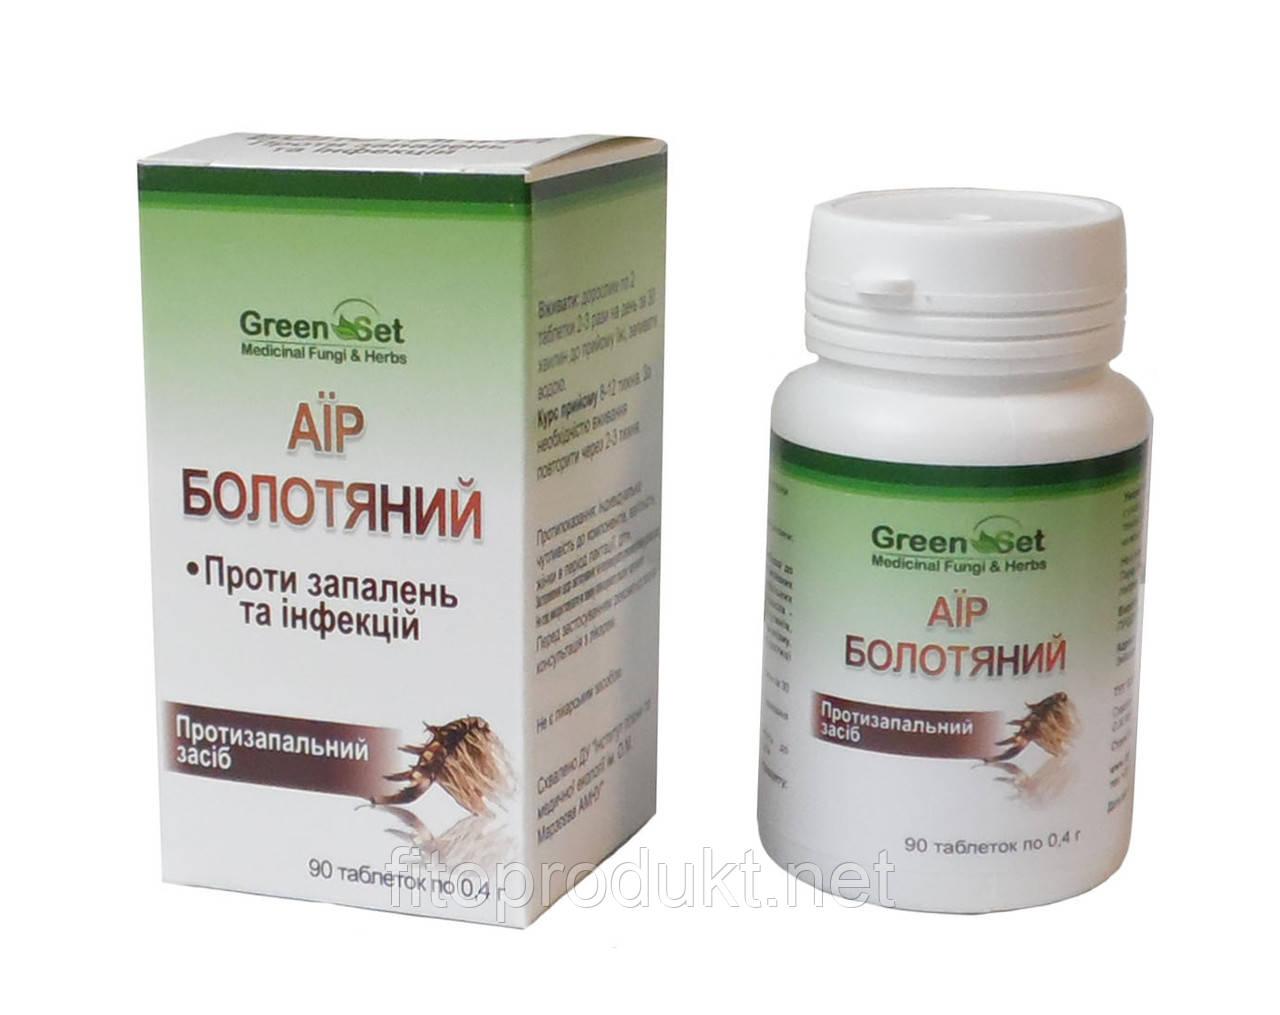 Аїр болотний проти запалень і порушень травлення 90 таблеток Даникафарм